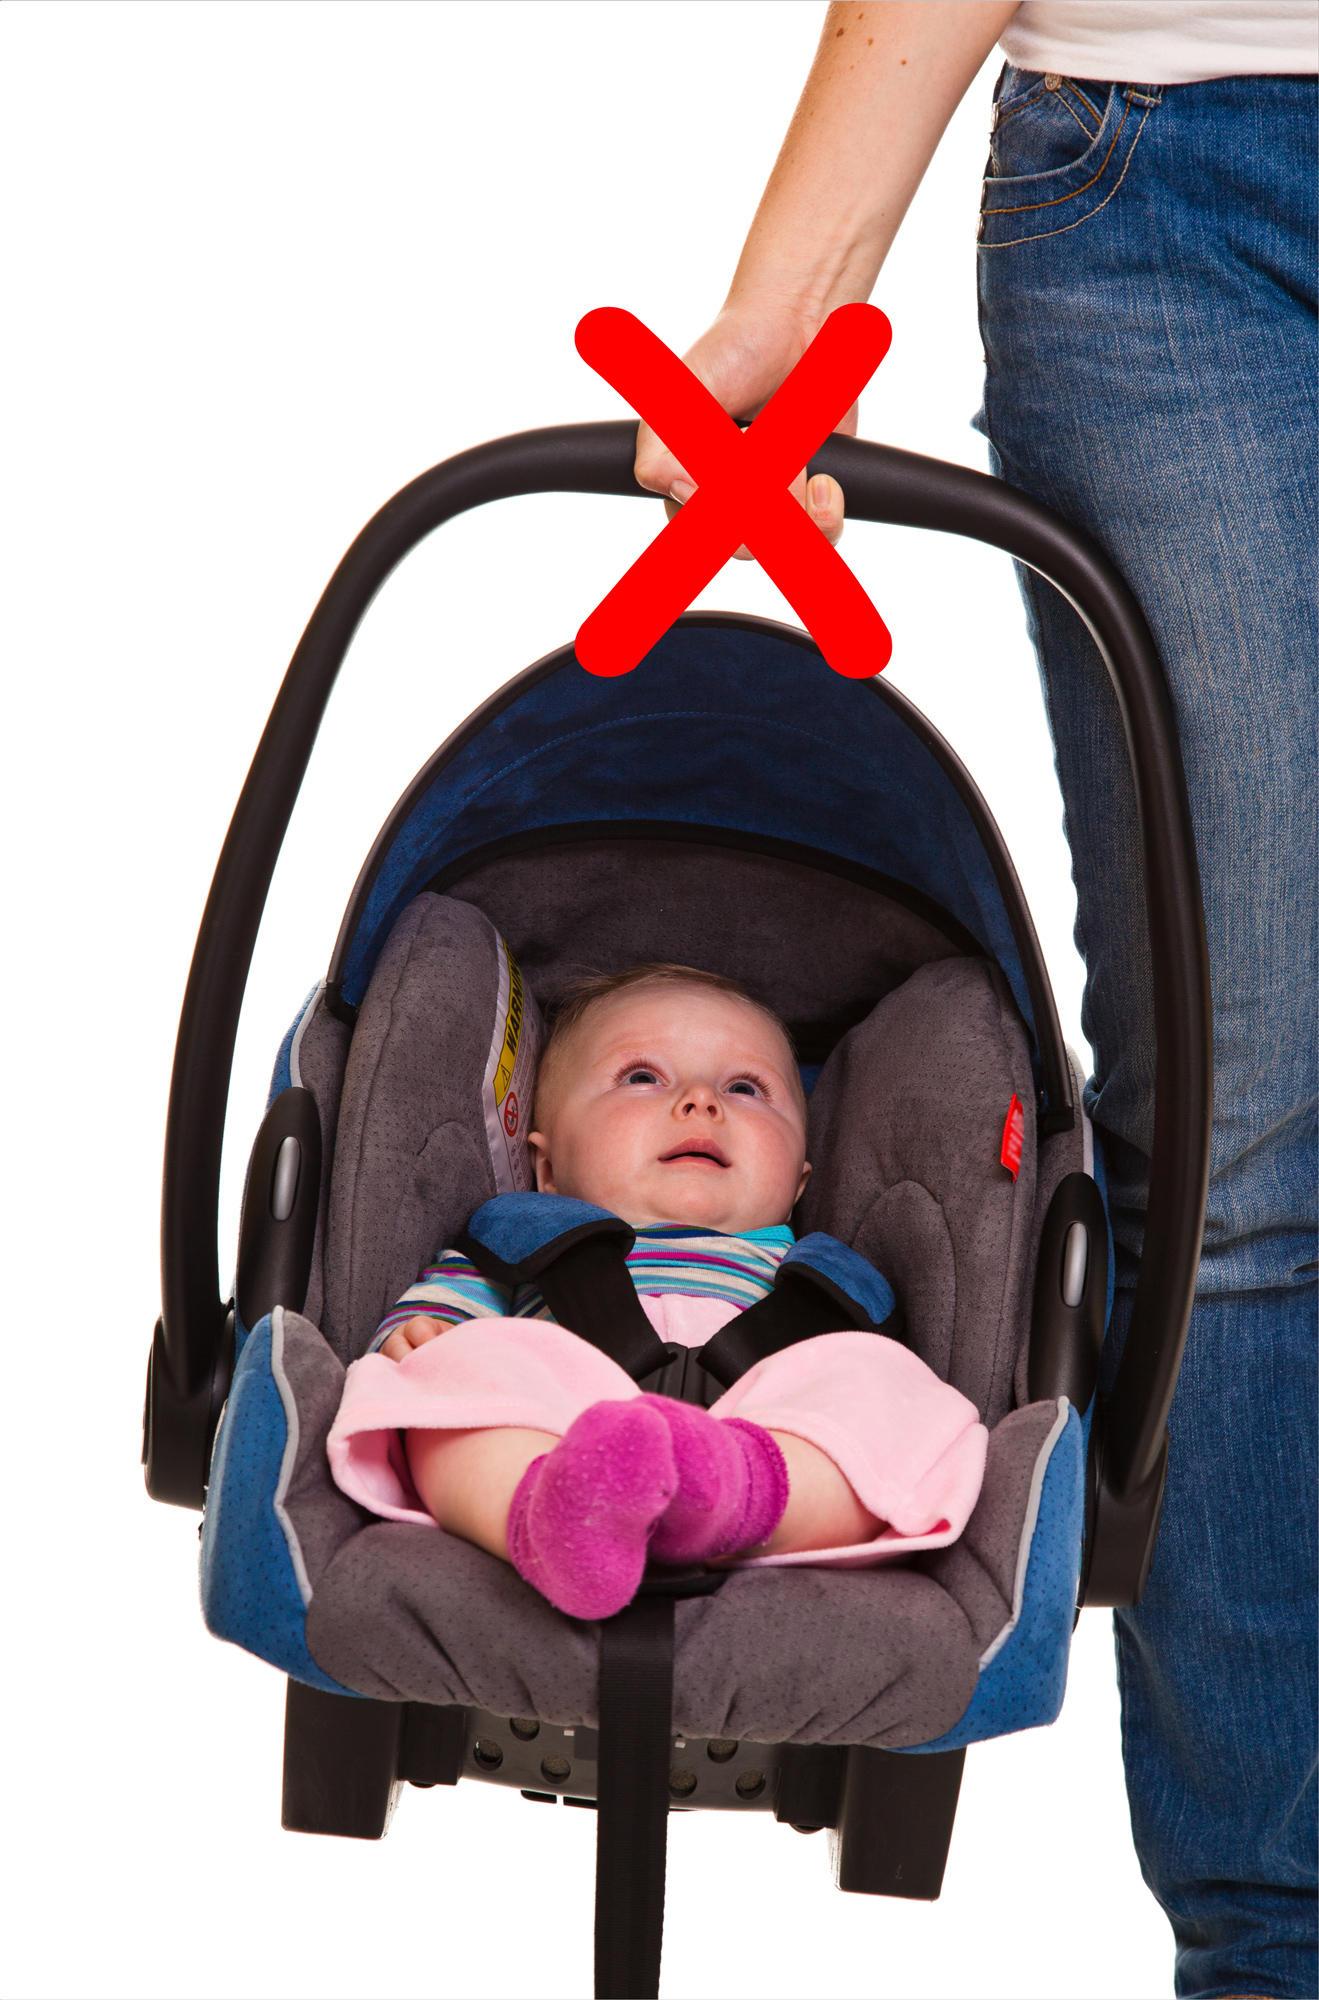 babyschale tragen  geht es ohne rueckenschmerzen